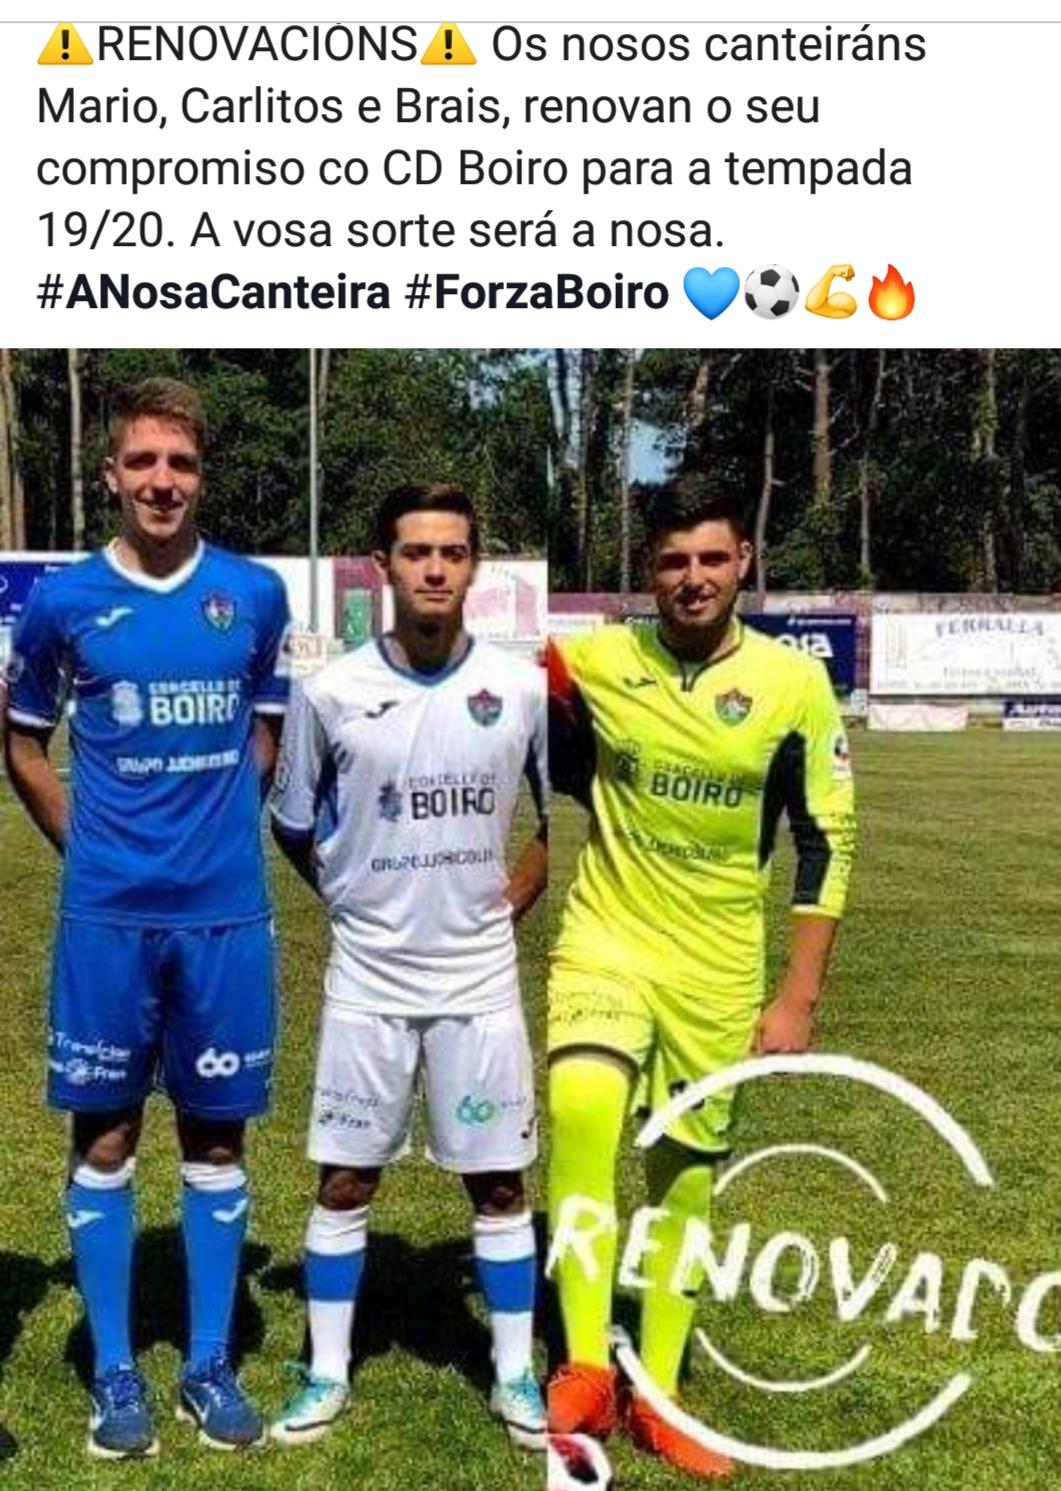 Renovación dos chavales da canteira , para a tempada 2019-2020.MARIO,  BRAIS E CARLITOS.